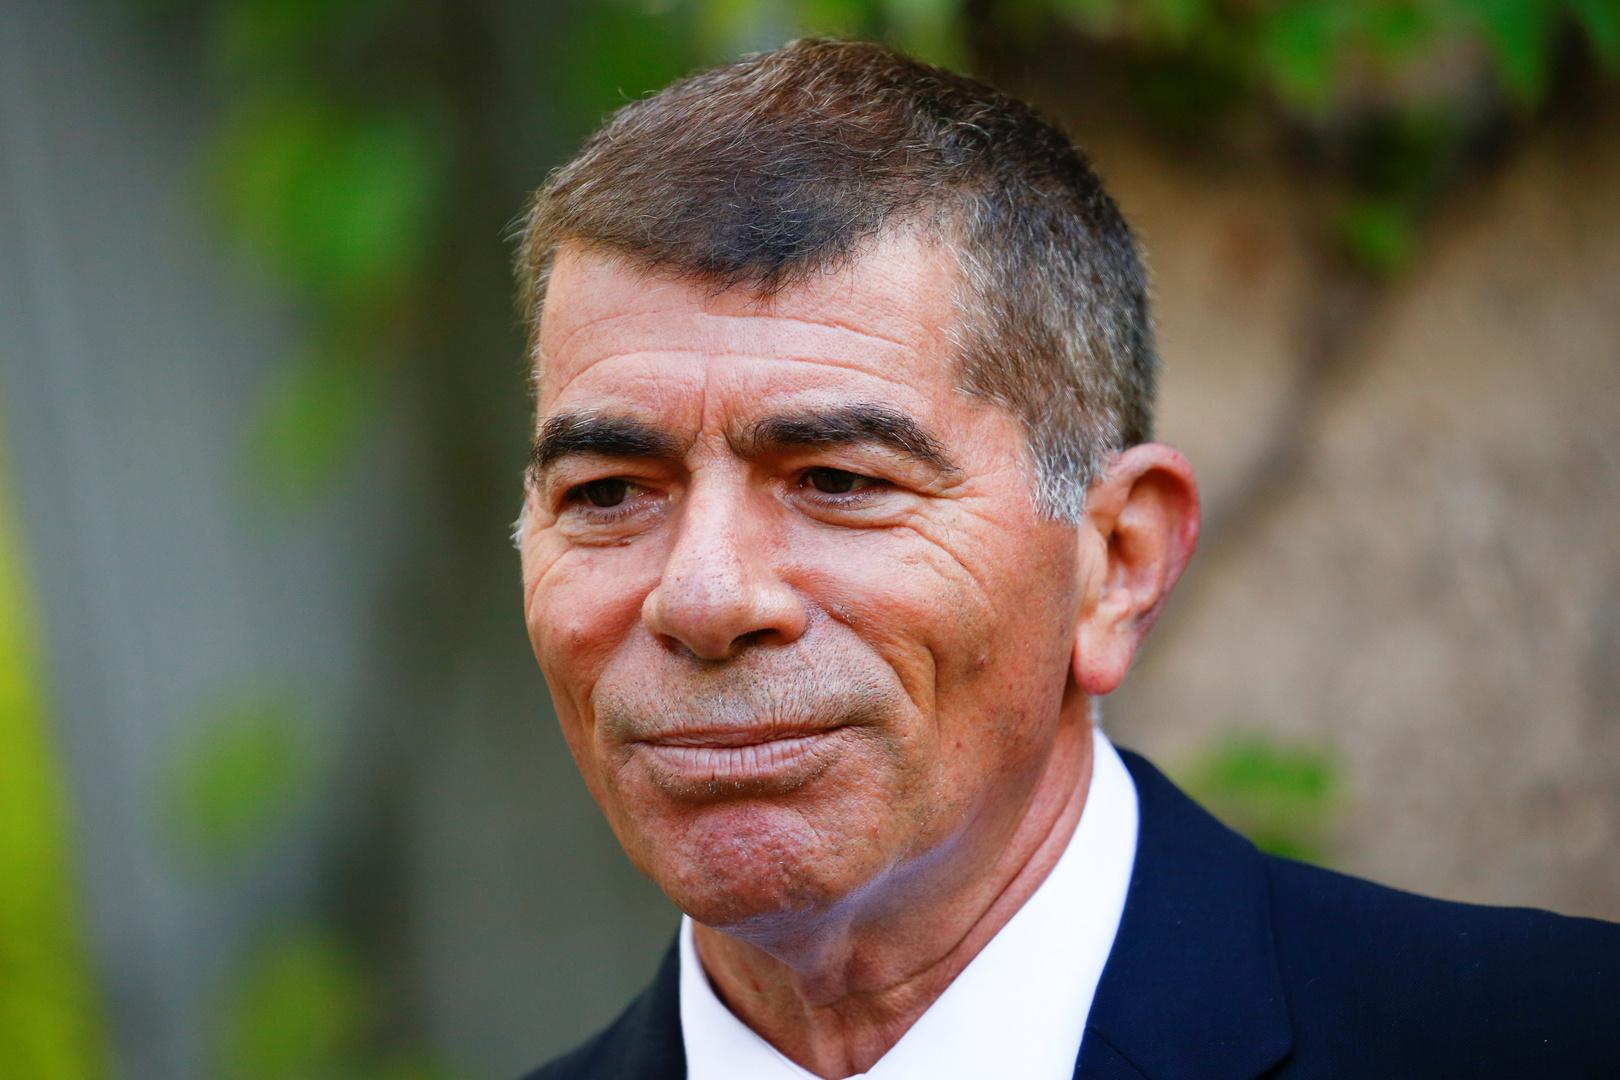 وزير الخارجية الإسرائيلي: صدمت بالهجوم على الكونغرس الأمريكي